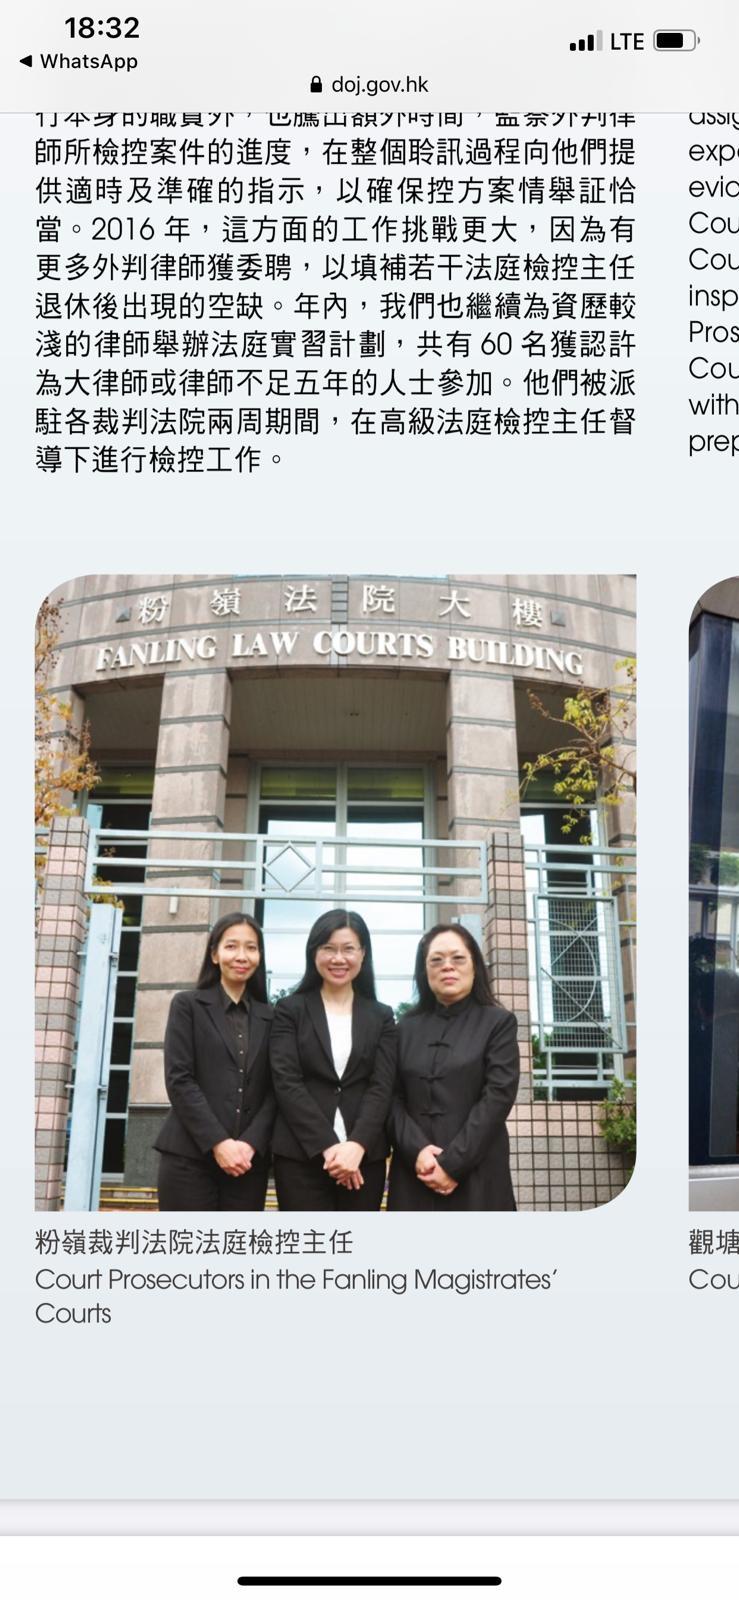 九龍城裁判法院高級二等法庭檢控主任邱錦玲